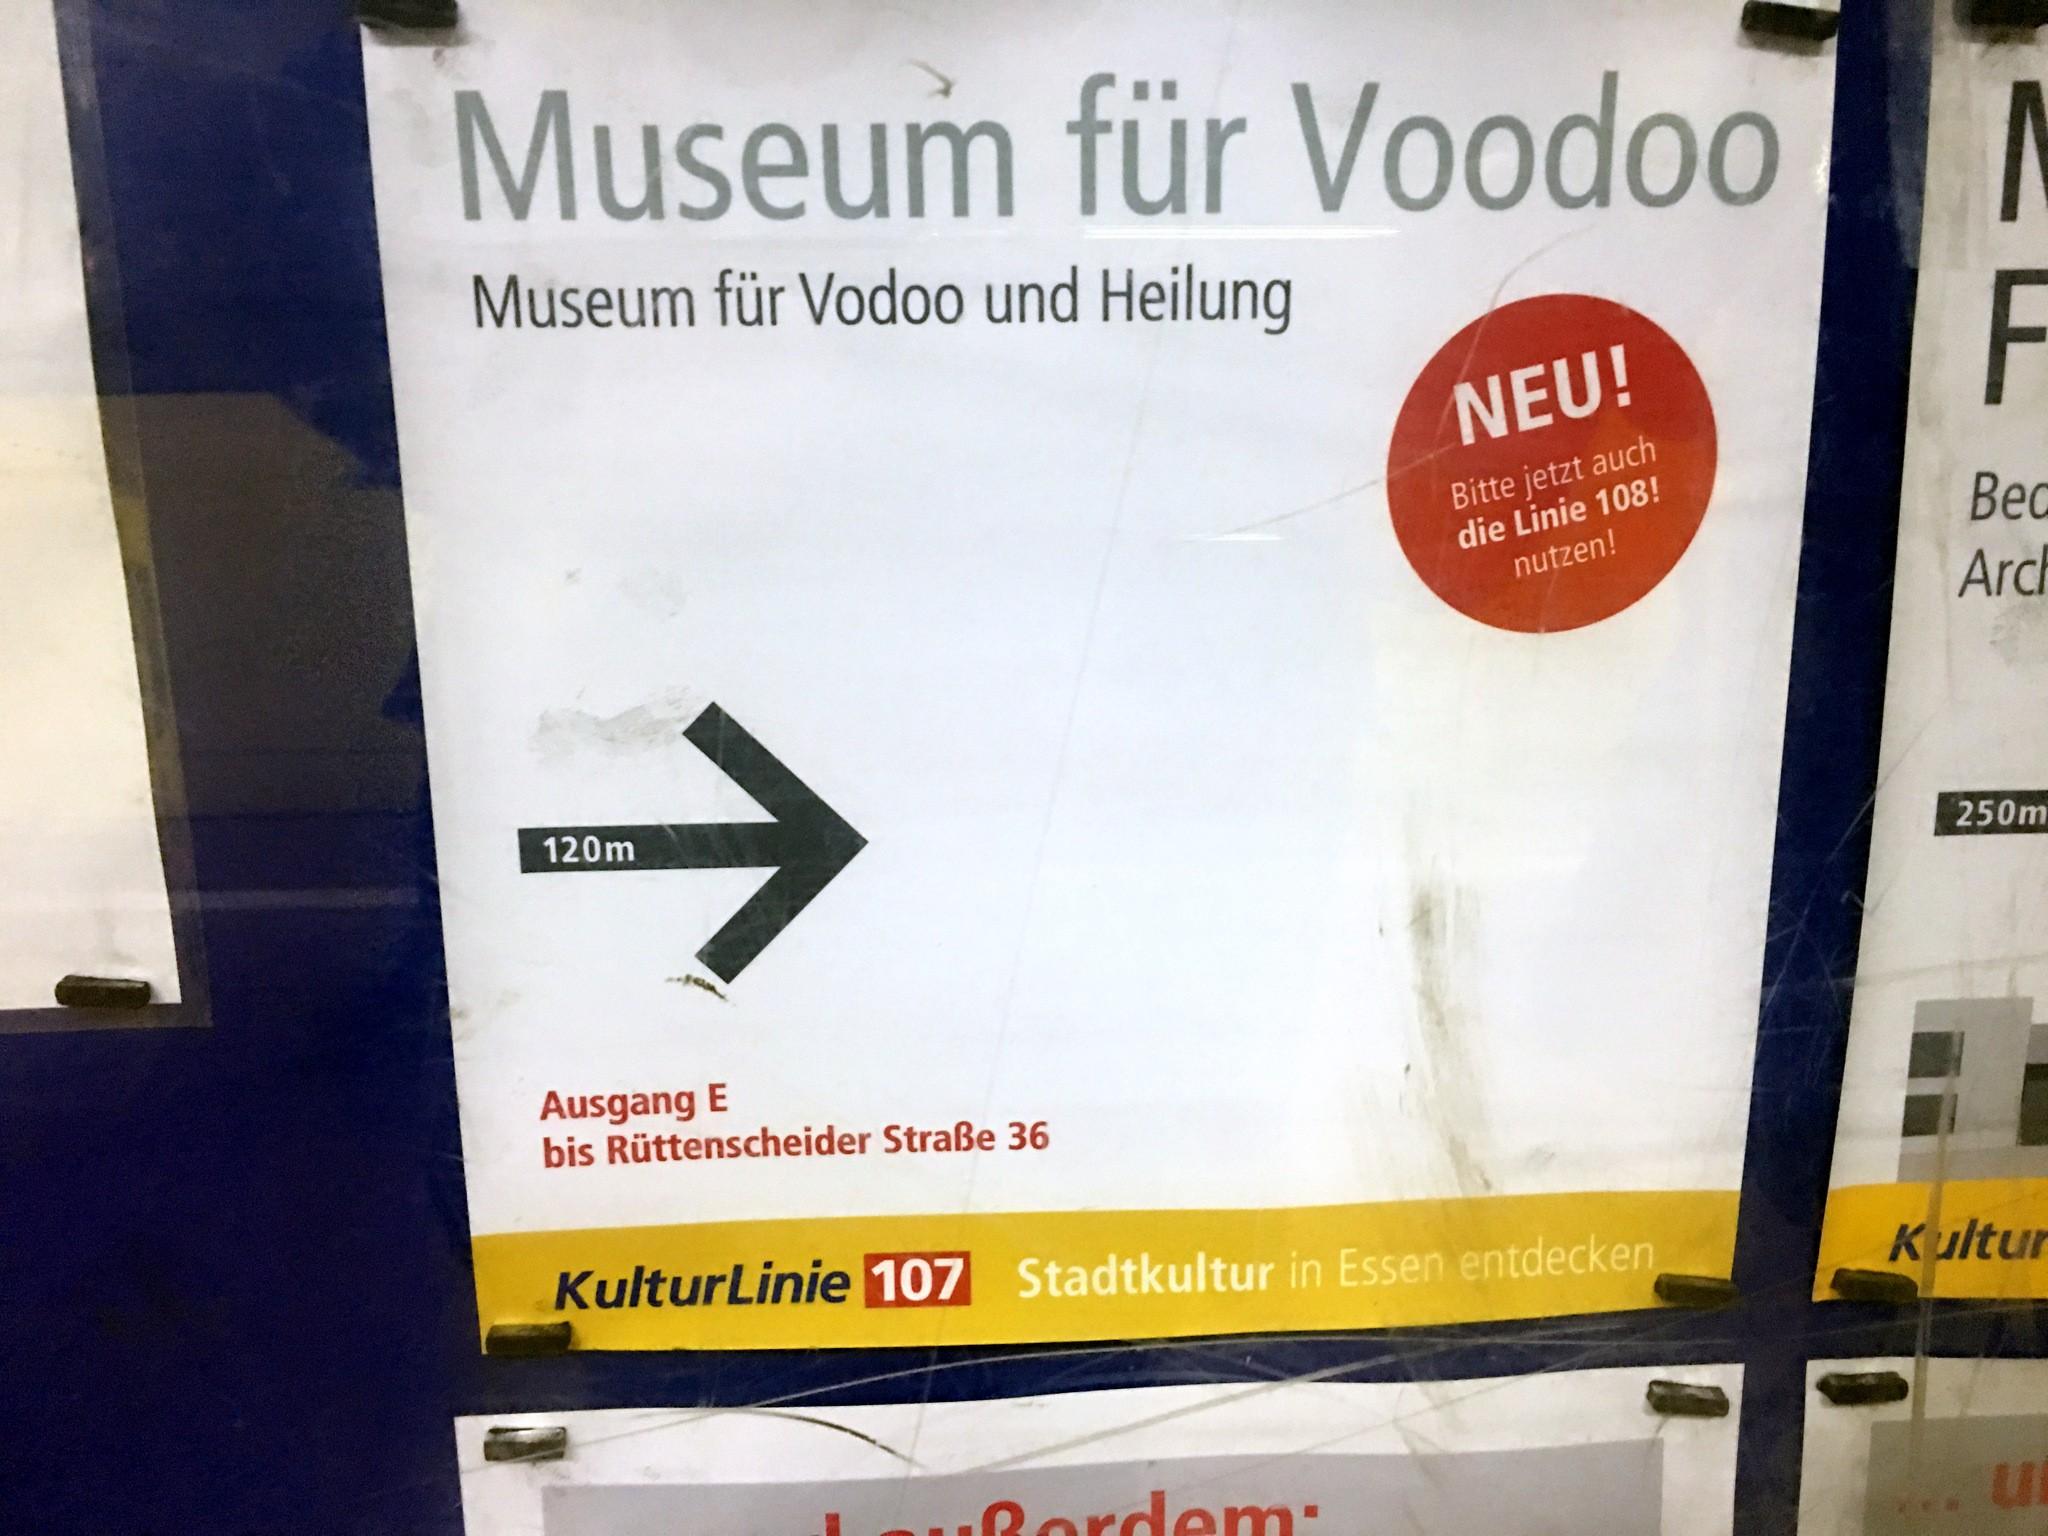 Auch mit der U-Bahn erreichbar: das Museum für Voodoo und Heilung.